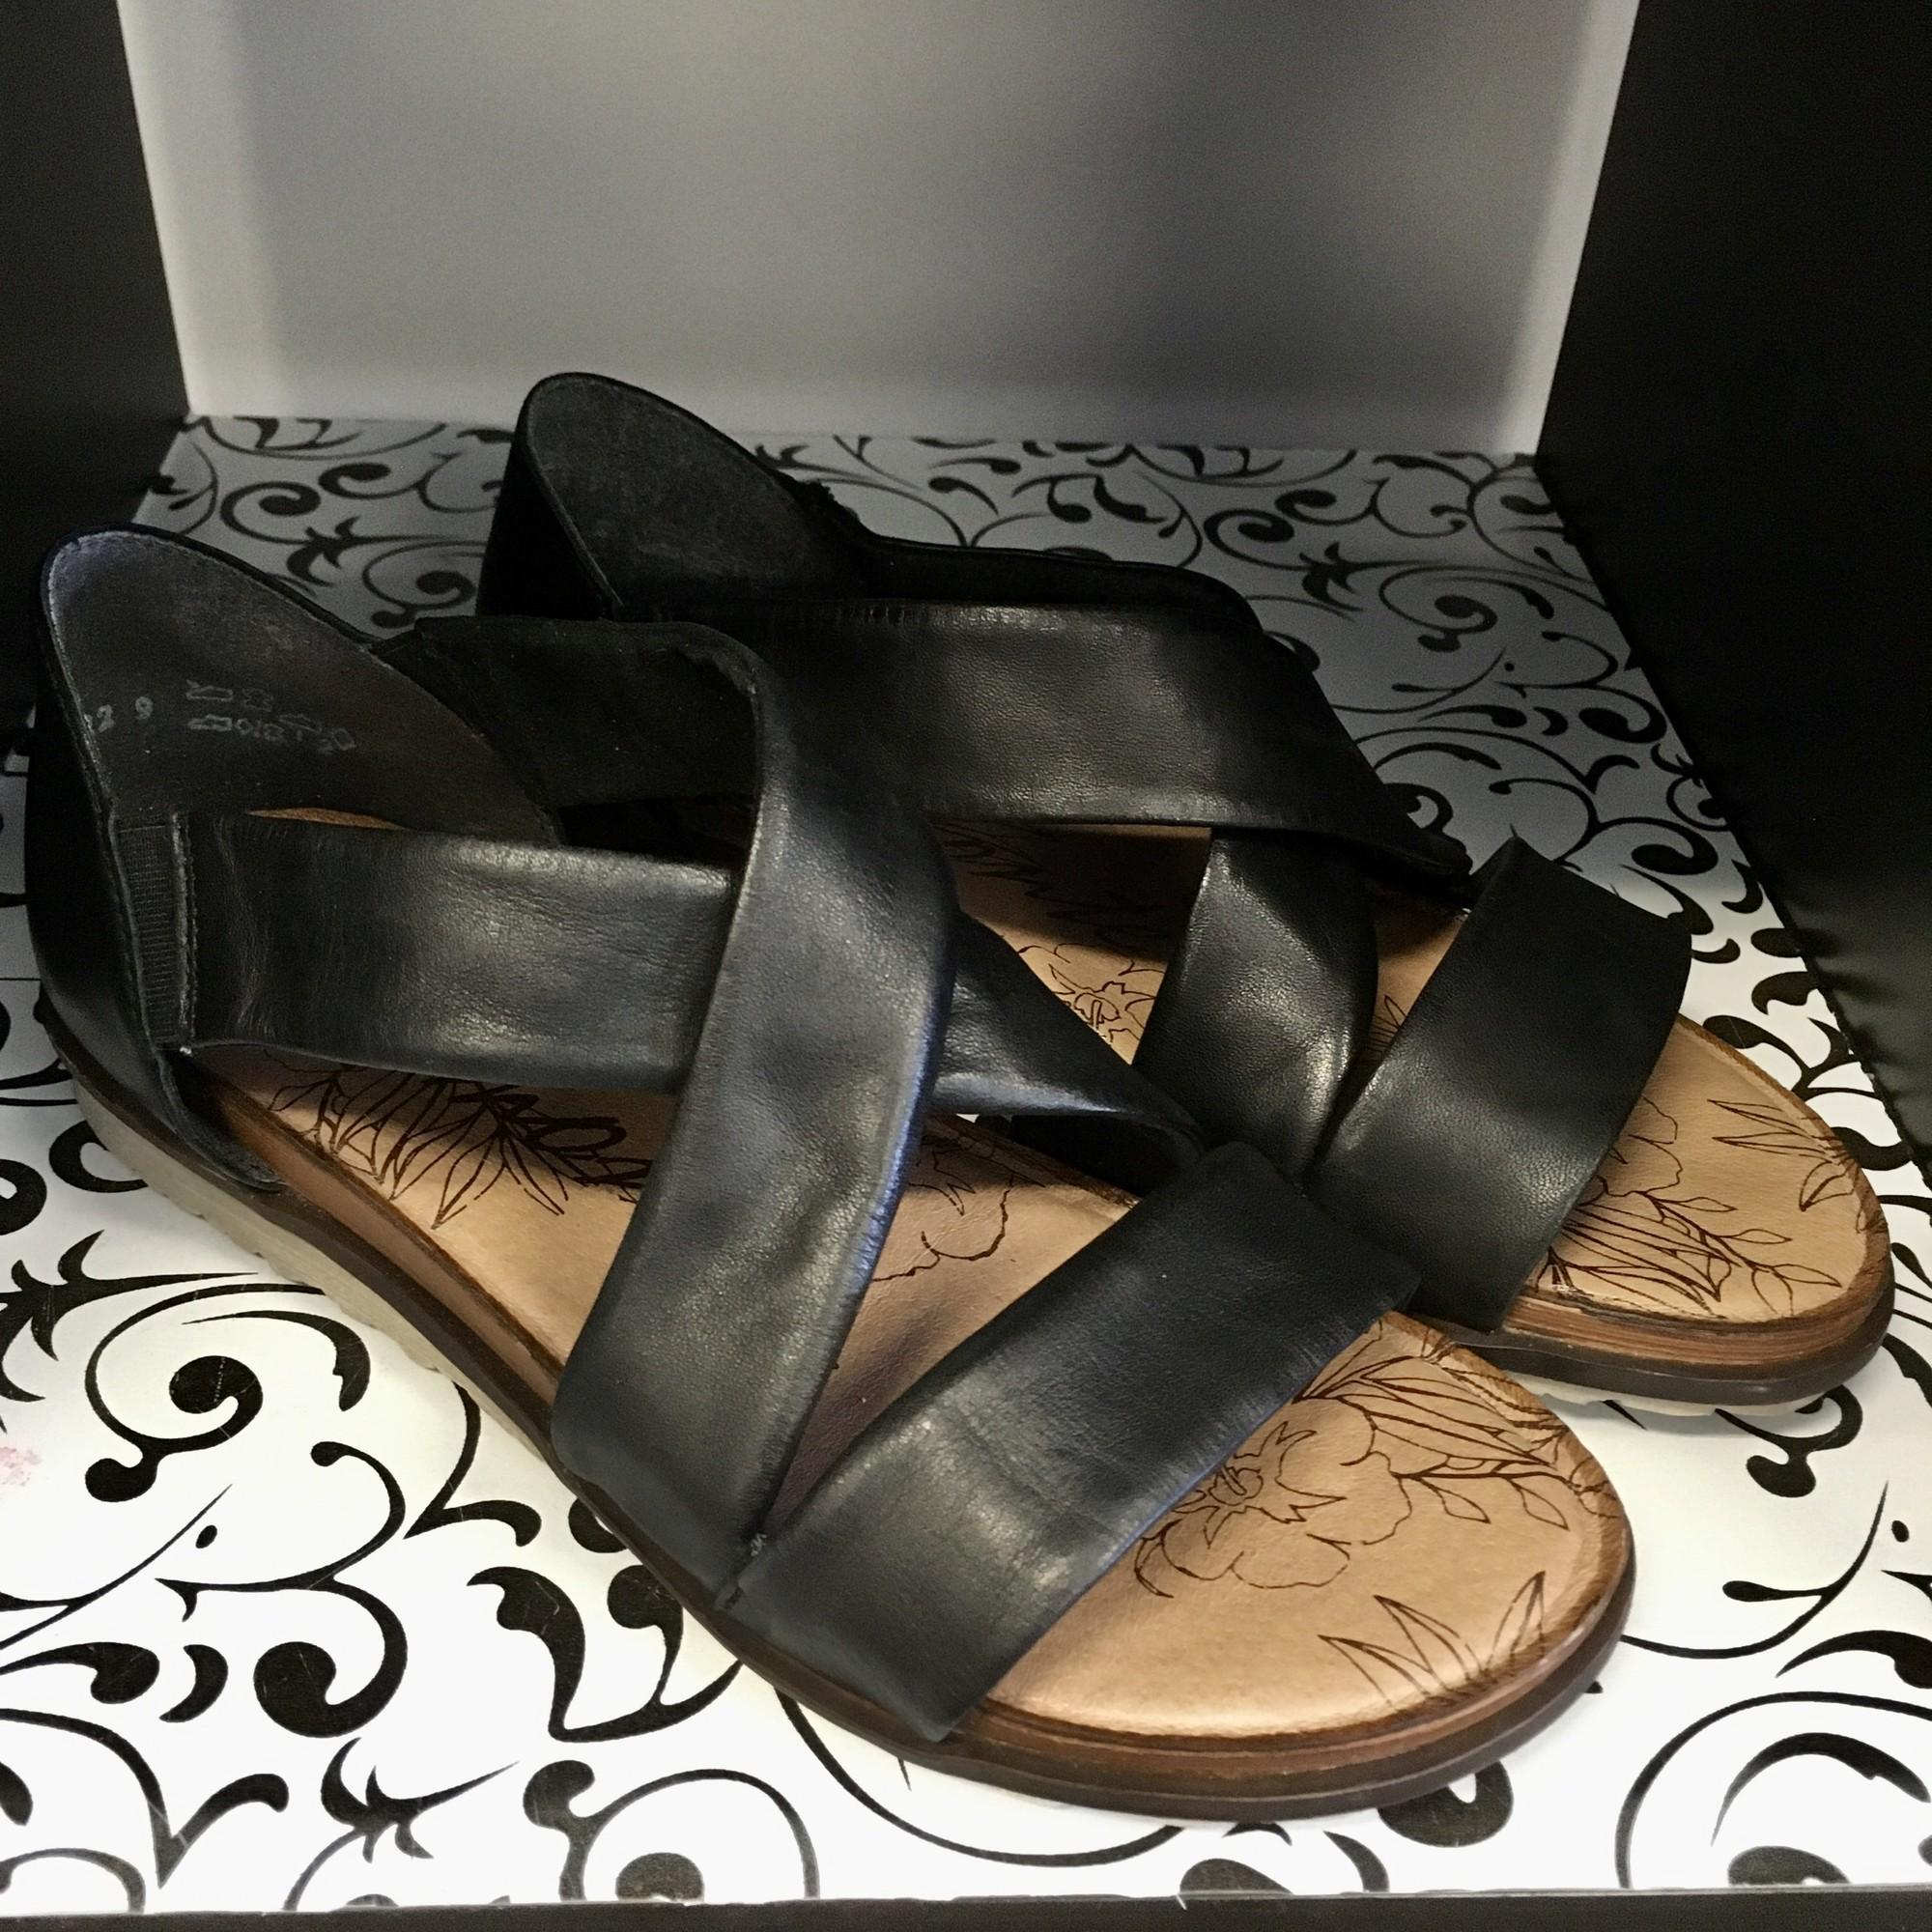 Remonte LU Sandals,<br /> Colour:  Black,<br /> Size: 38  (7.5/ 8)